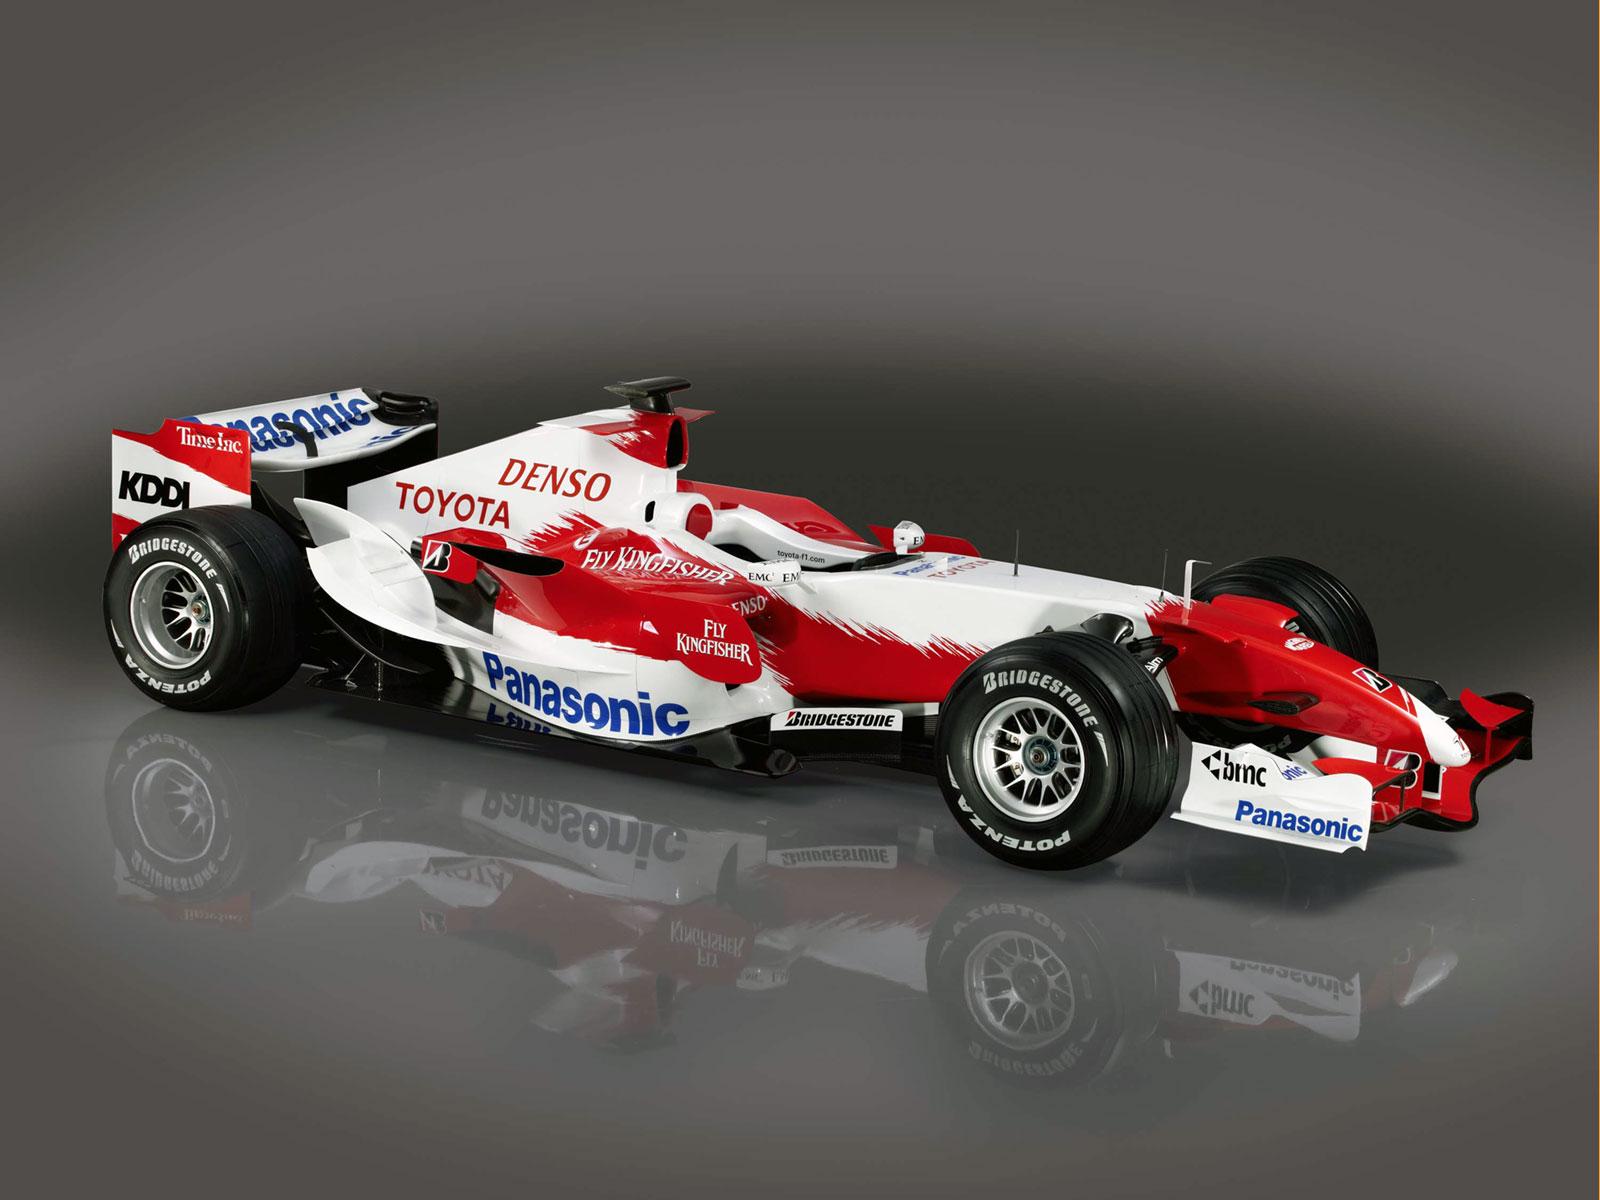 Формула-1, машина, гоночный автомобиль, фото для рабочего стола